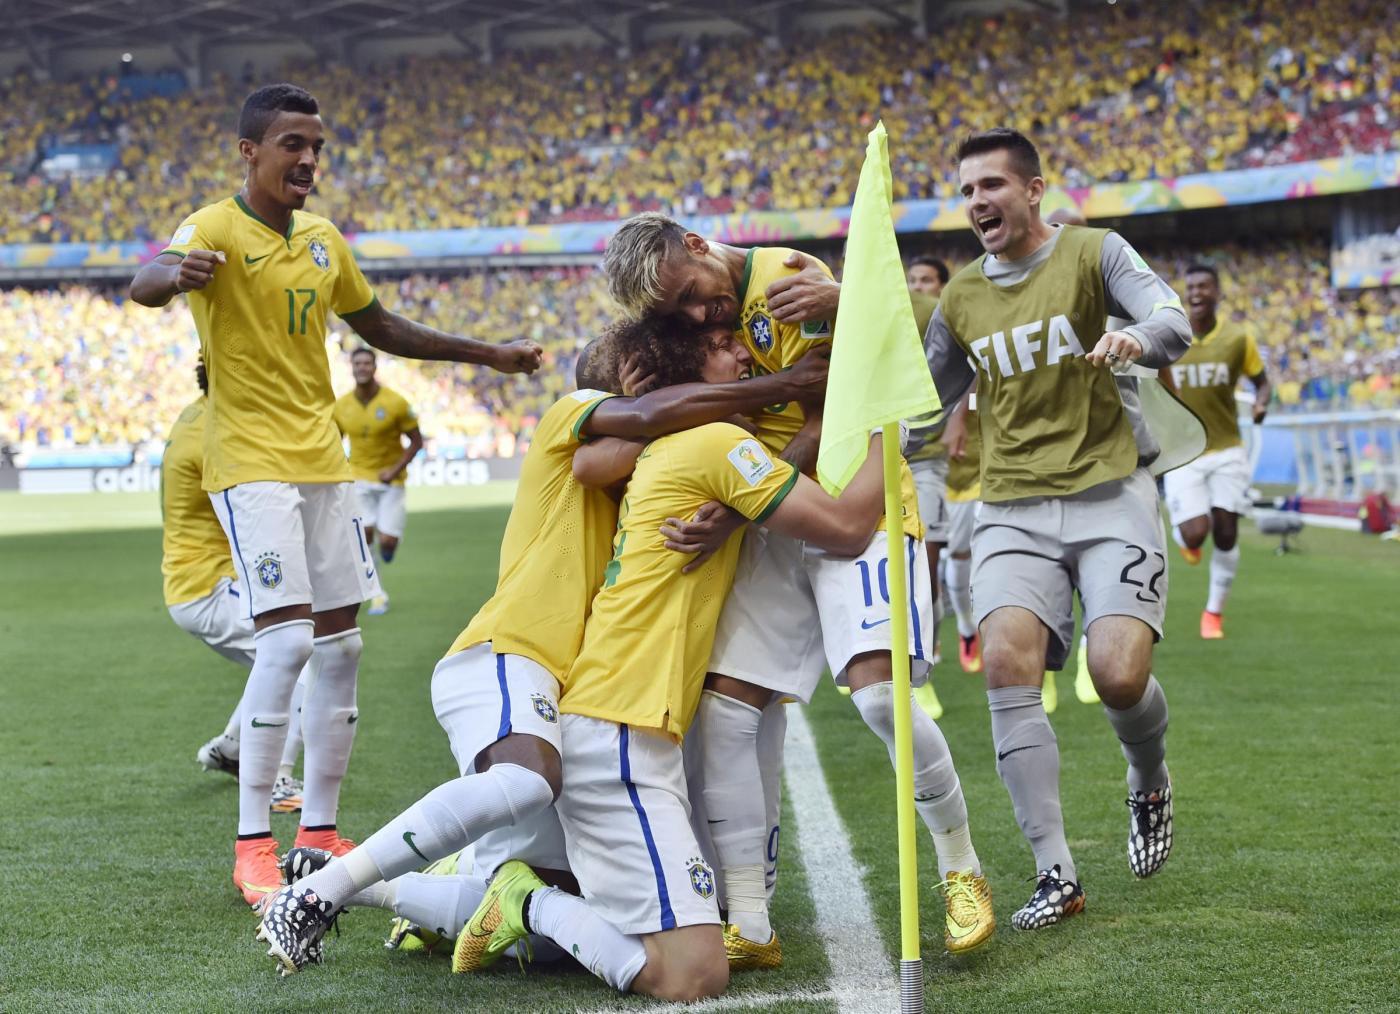 Mondiali 2014, Brasile batte Cile ai rigori, che fatica per i padroni di casa